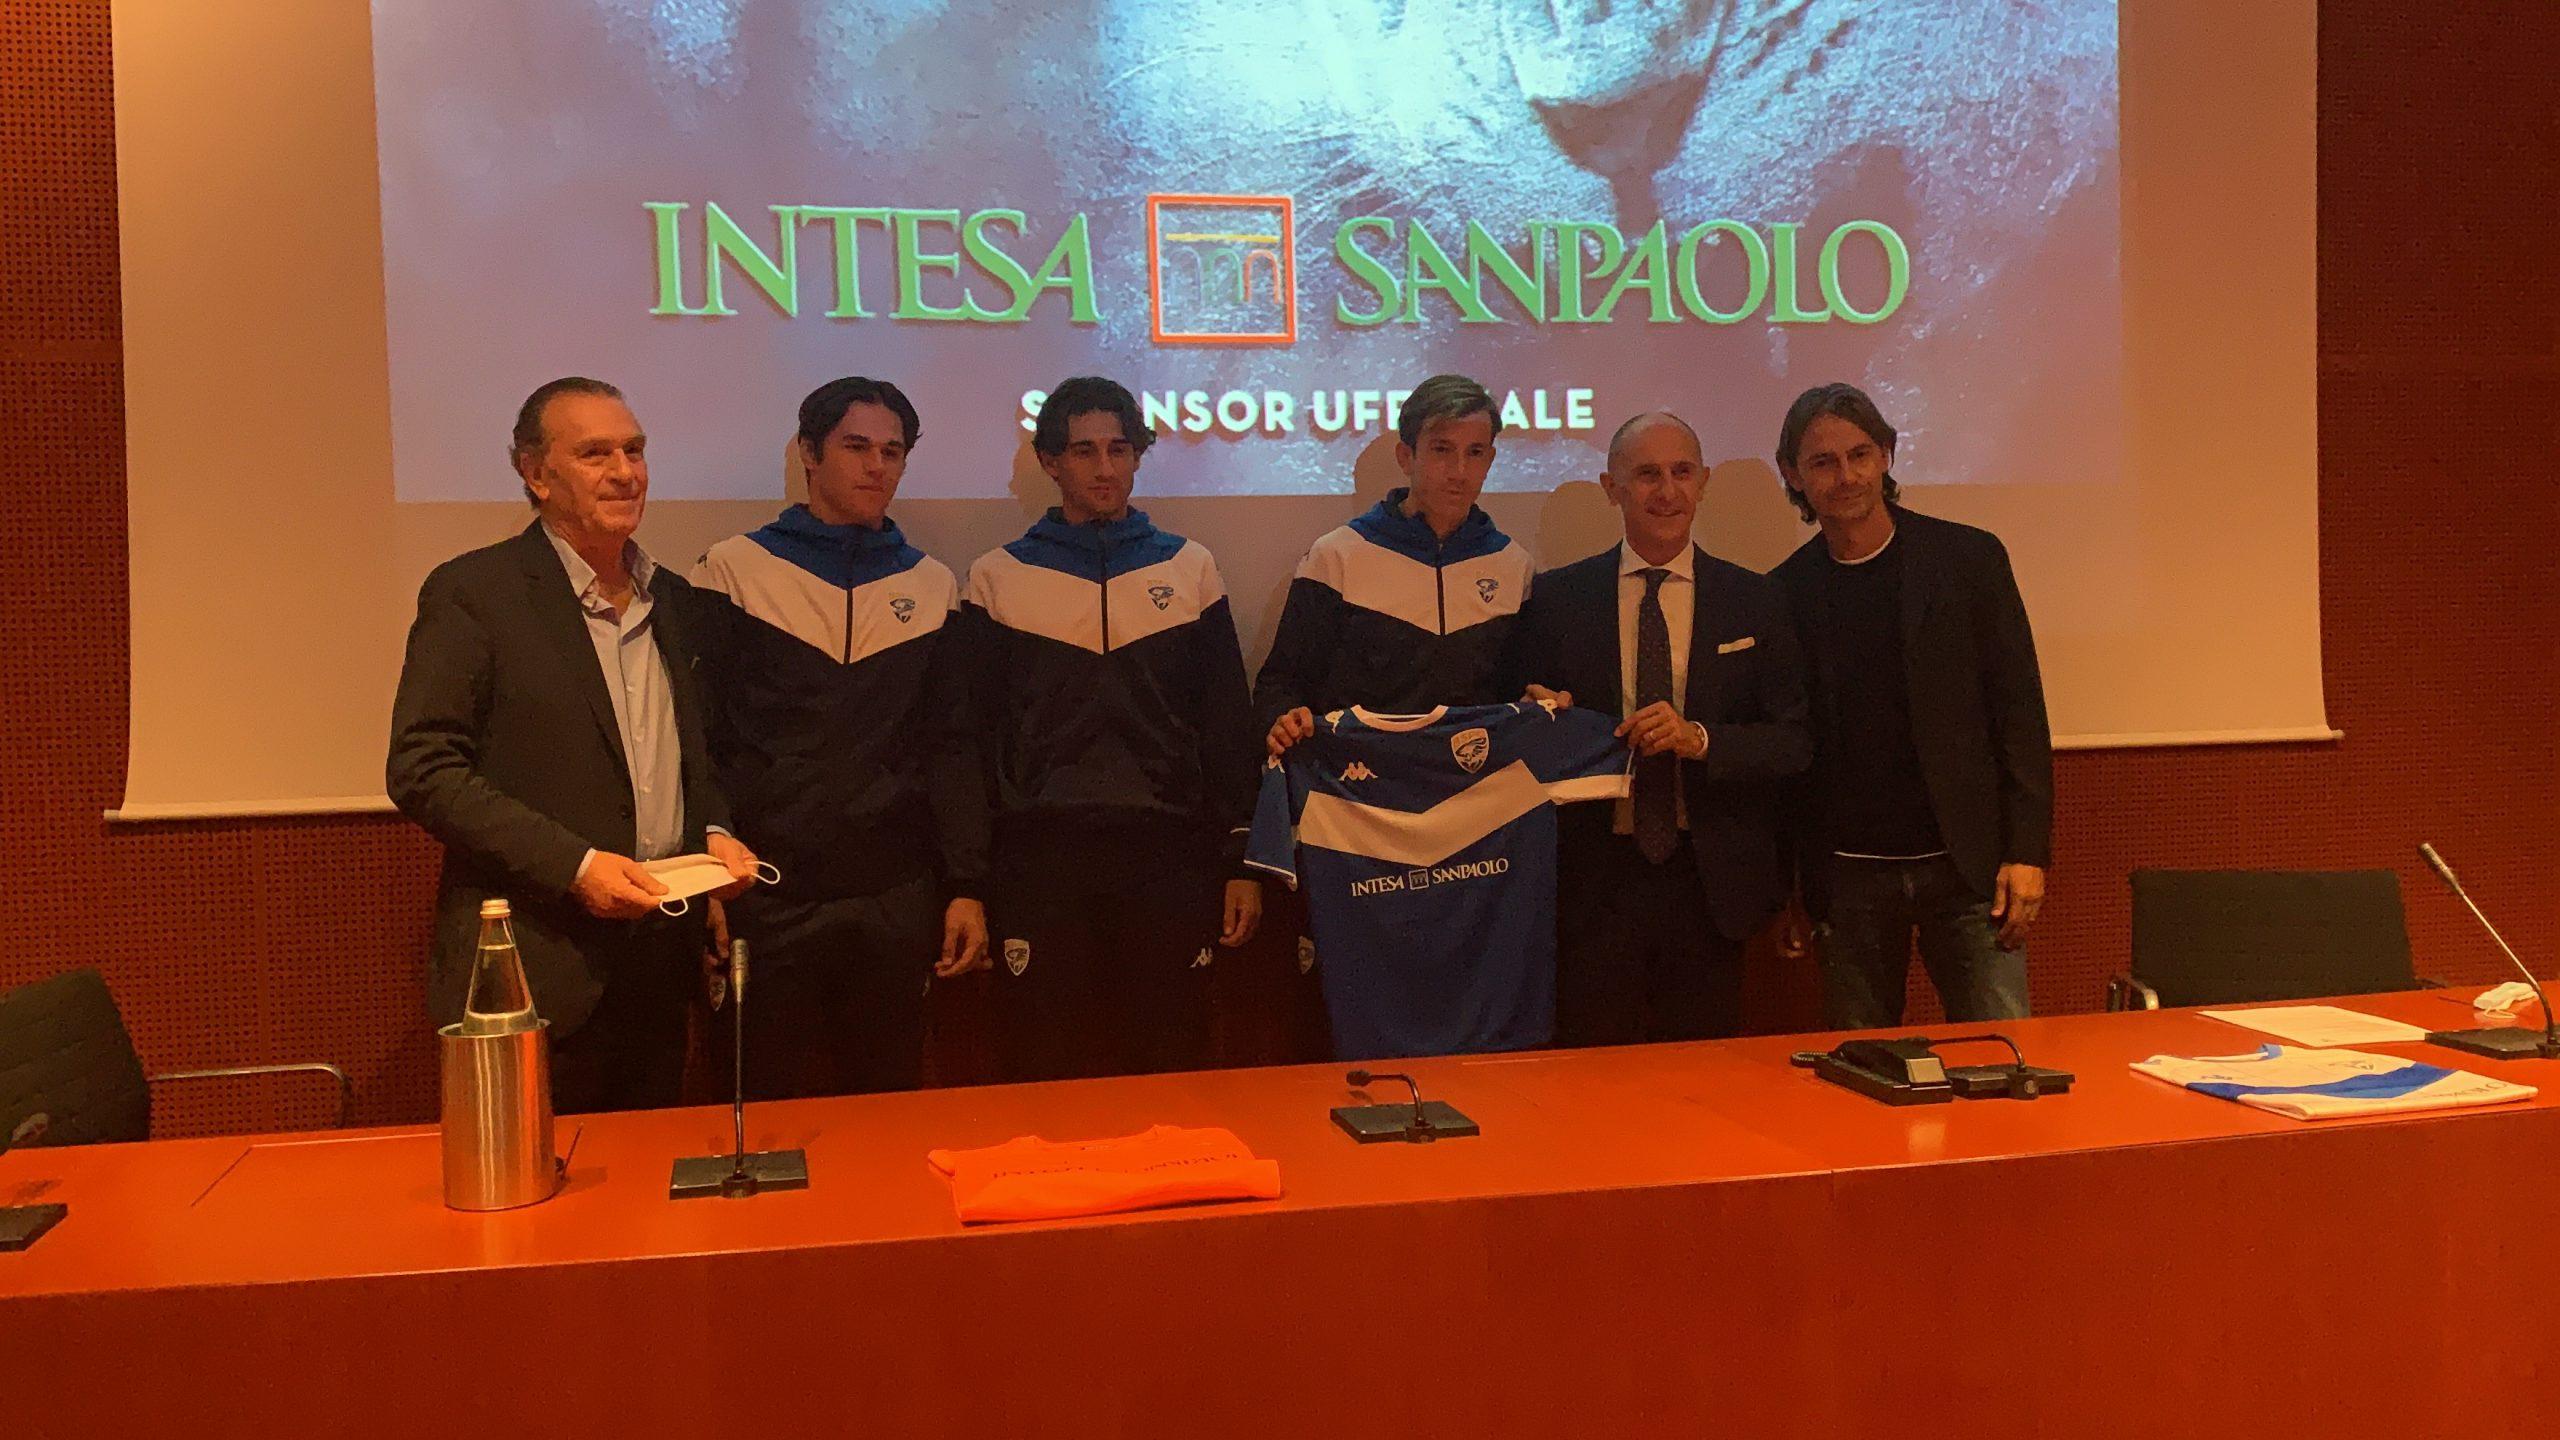 Brescia Calcio e Intesa Sanpaolo insieme per crescere nuovi campioni